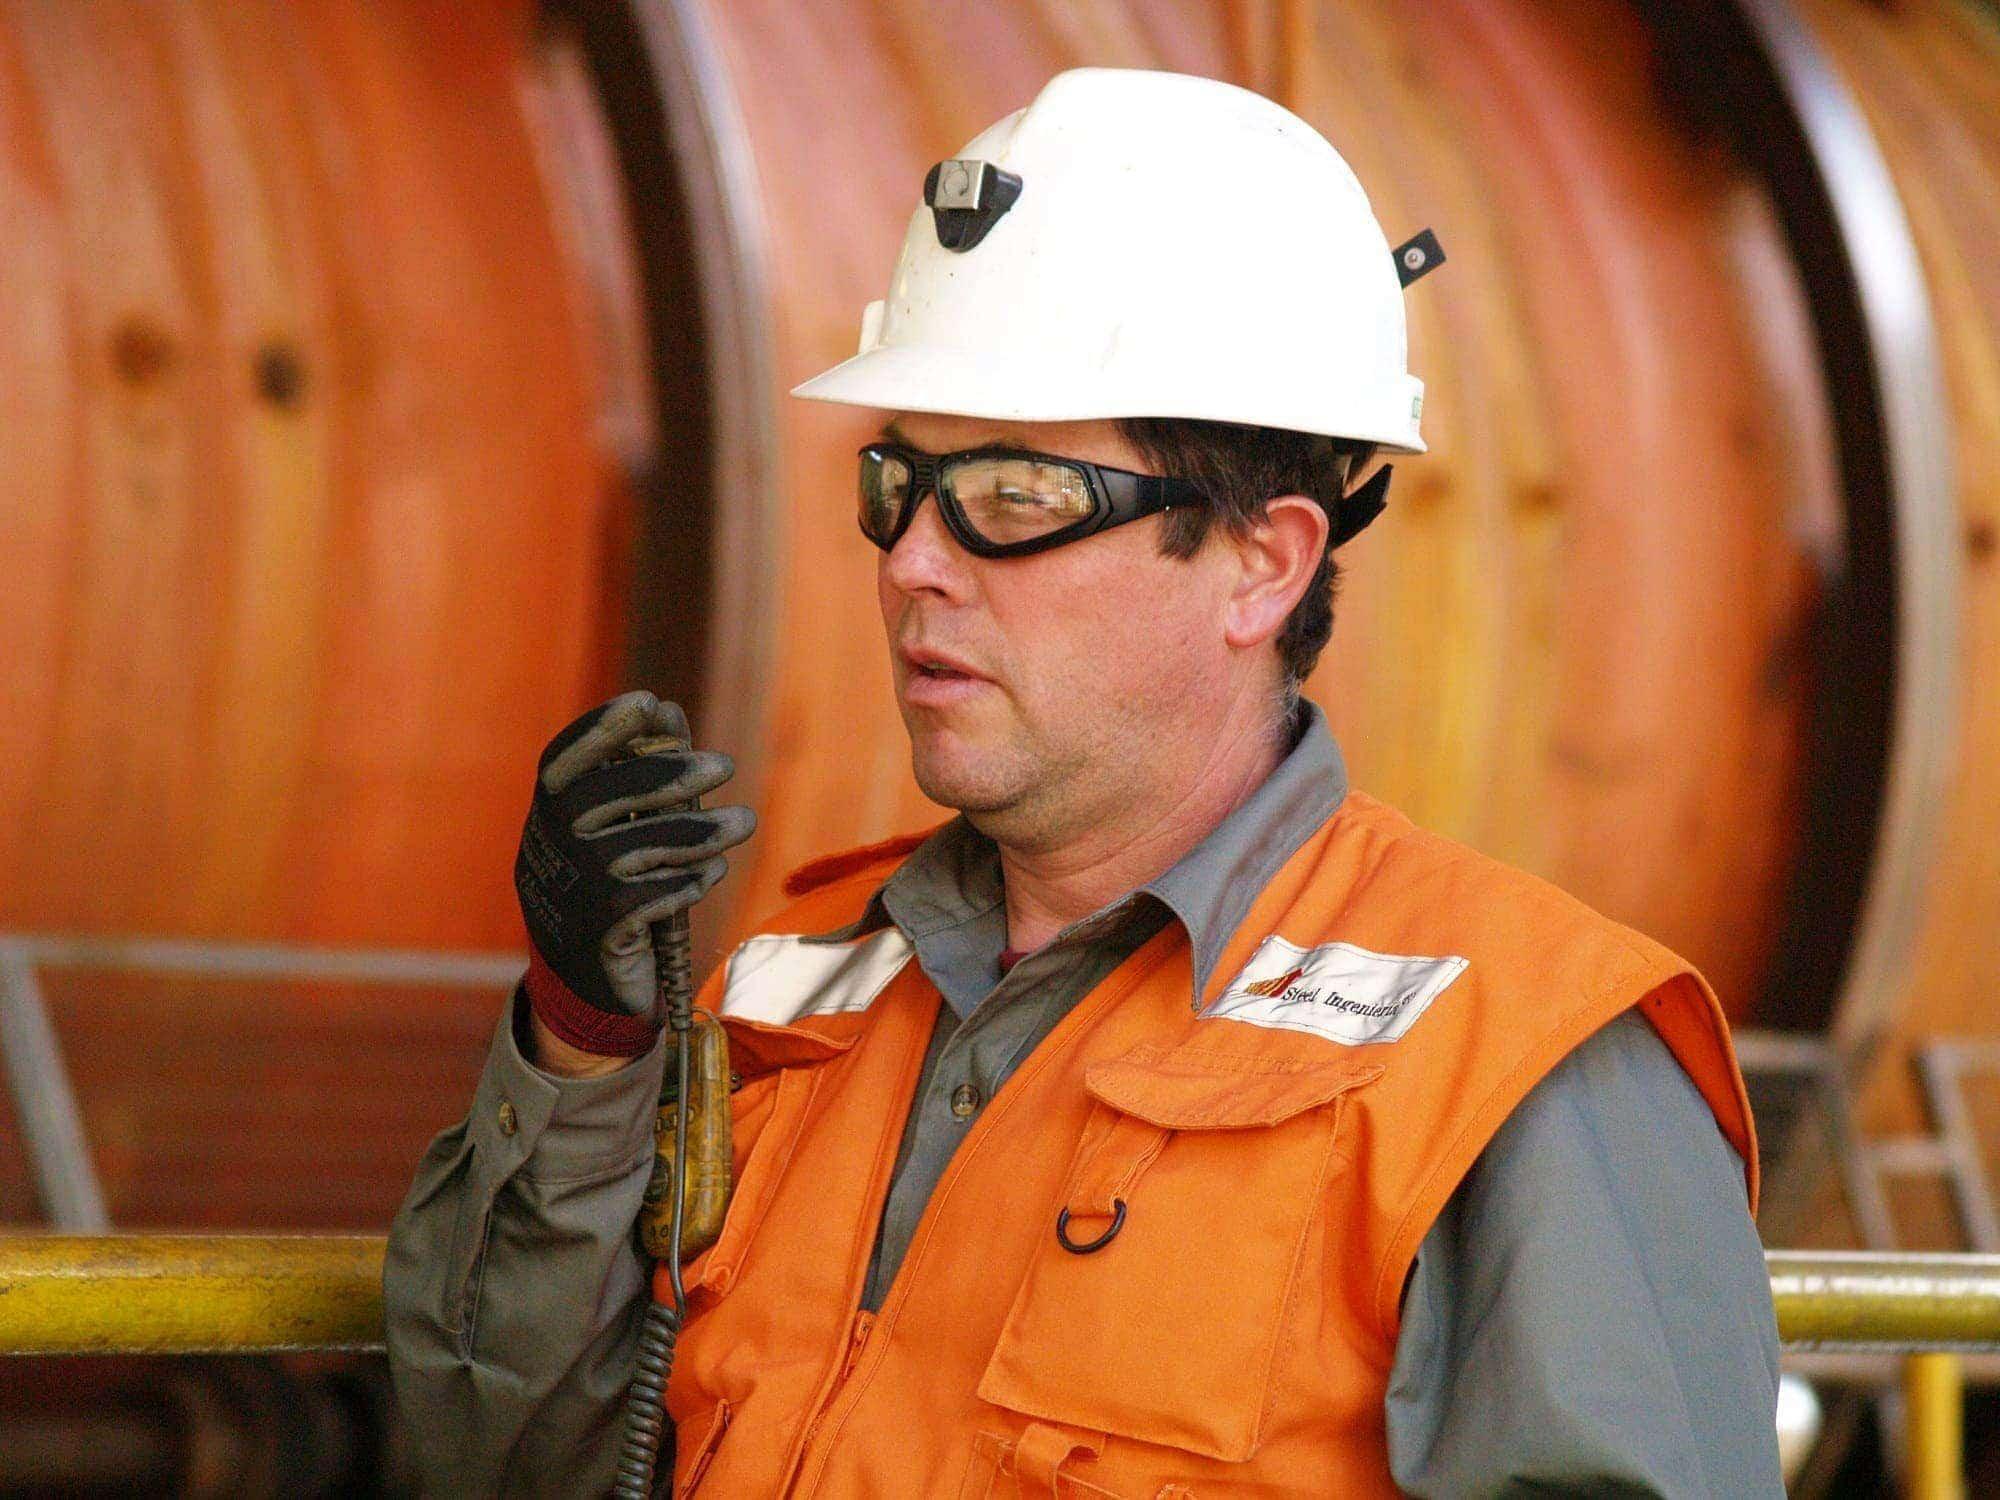 Seguridad laboral-Obrero de Ferrovial en Chilie